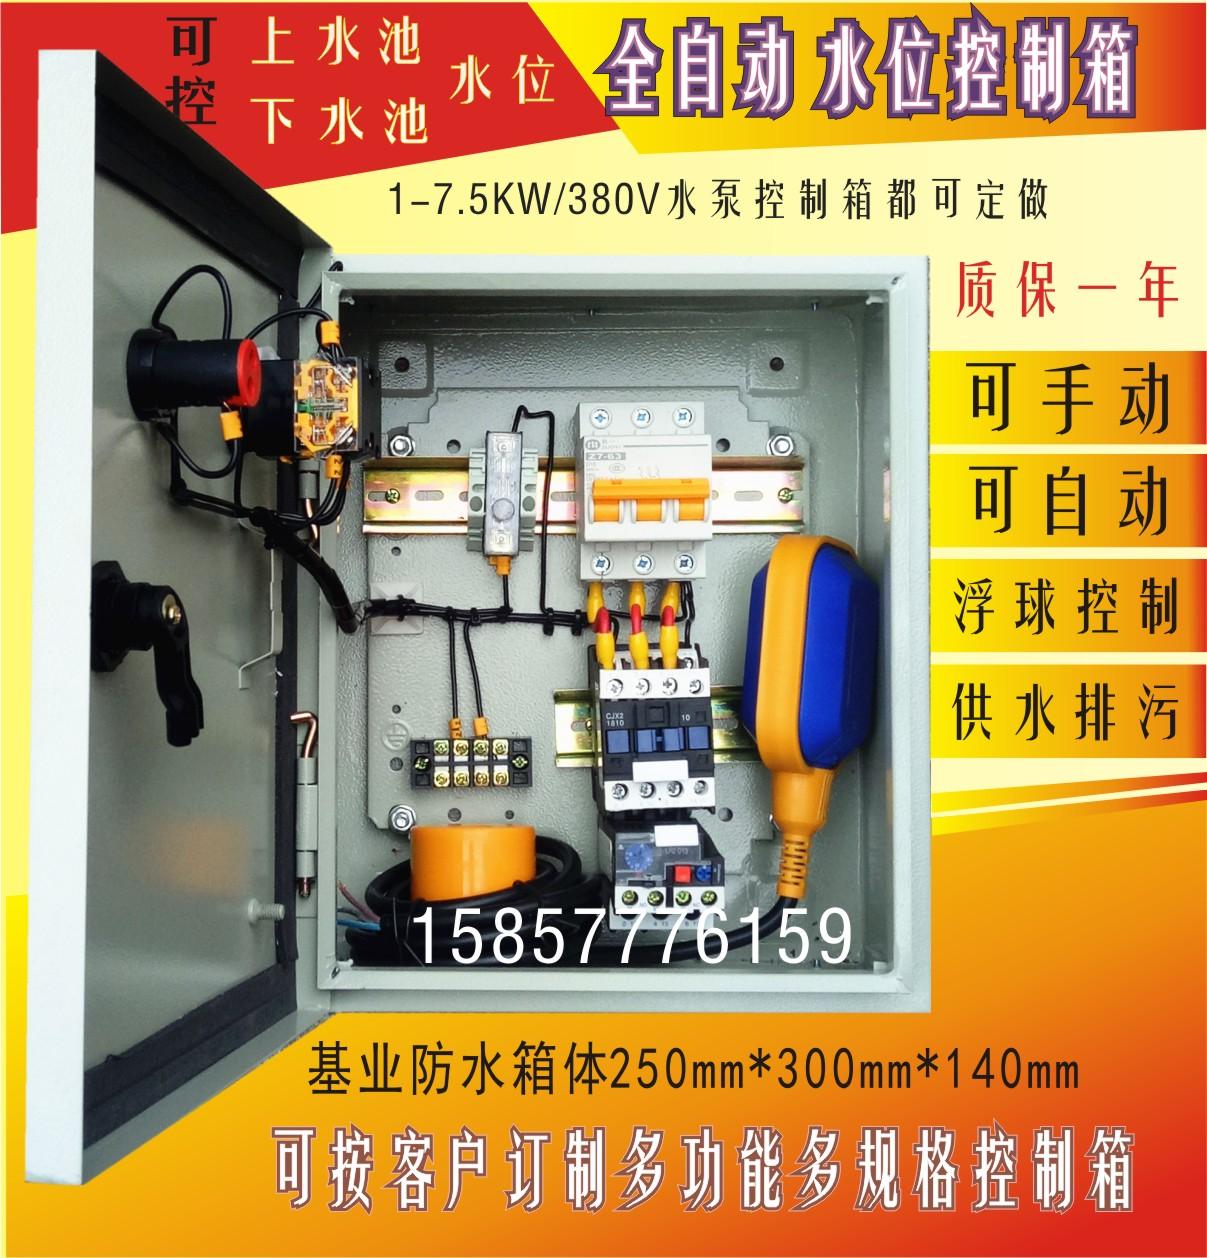 Уровень контроль коробка поплавок мяч жидкость позиция контроль коробка 1-7.5KW насос контроль 380V вручную / автоматическая